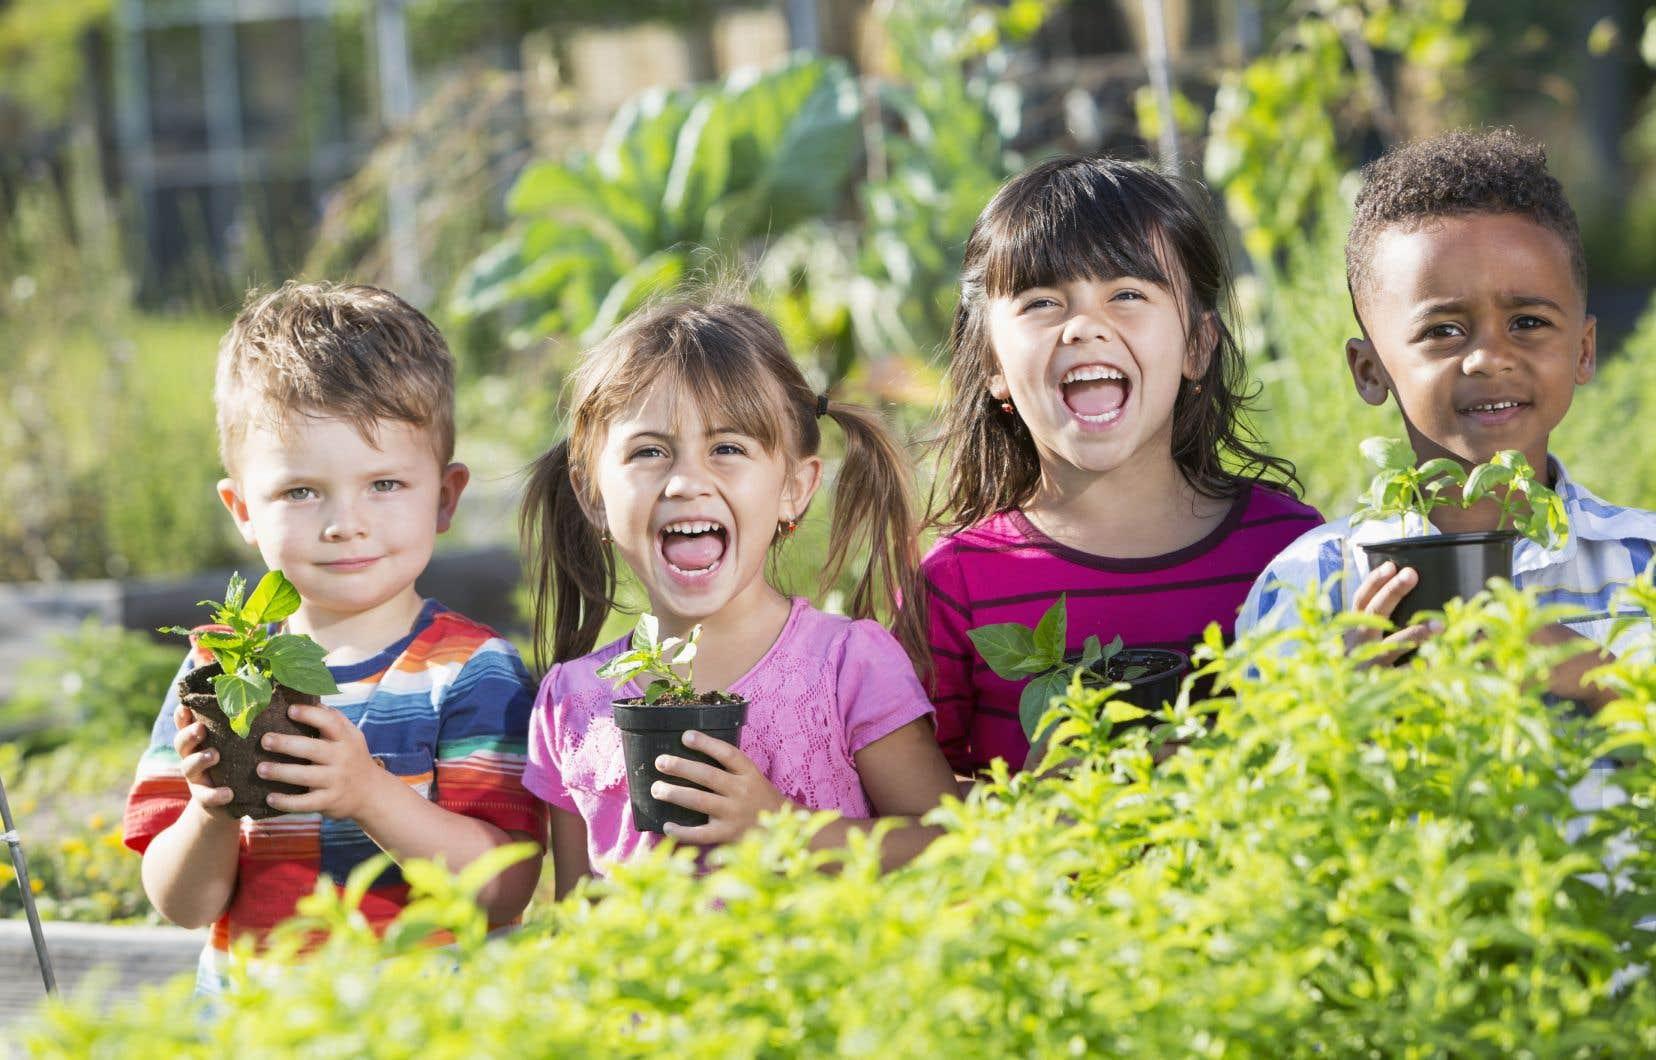 Si apprendre à cuisiner le plus tôt possible peut donner envie aux enfants de goûter à de nouveaux aliments et de mettre la main à la pâte lors de la préparation des repas en favorisant l'estime de soi, il y a fort à parier qu'il en est de même lorsqu'on les invite à passer du côté jardin.